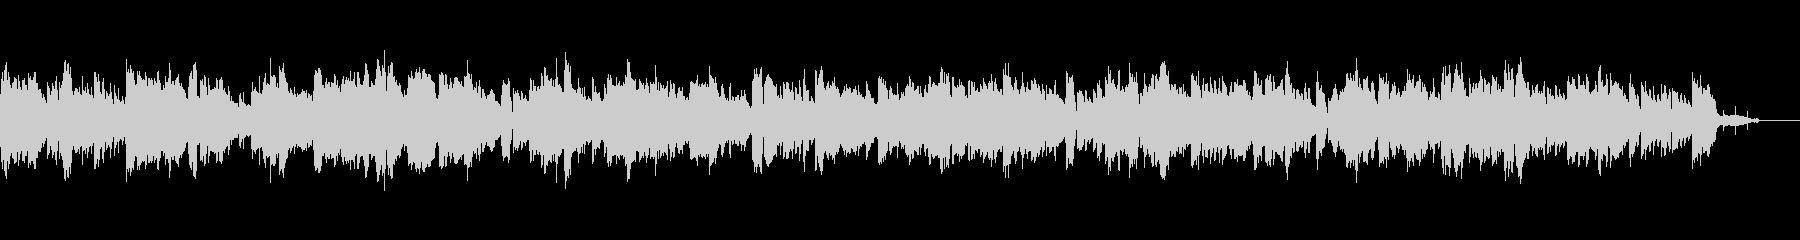 クールなボーカリゼーションのボサノヴァの未再生の波形